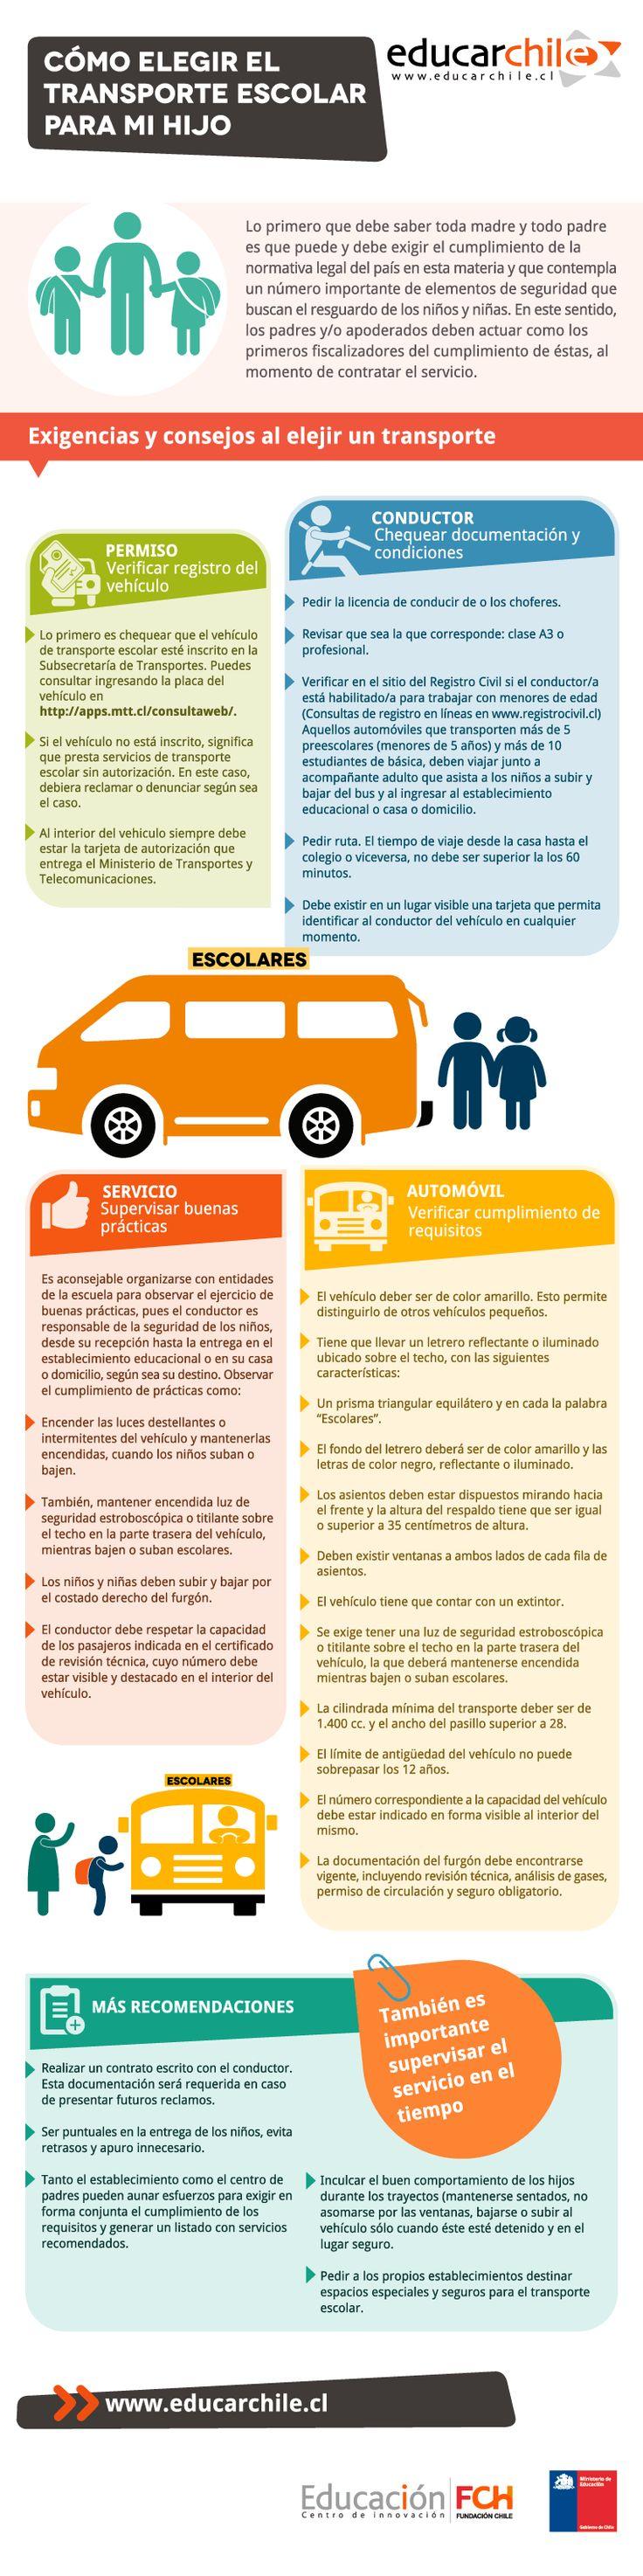 Te entregamos orientaciones respecto a qué información debes conocer y exigir en el momento de elegir el transporte escolar para tus  hijos.